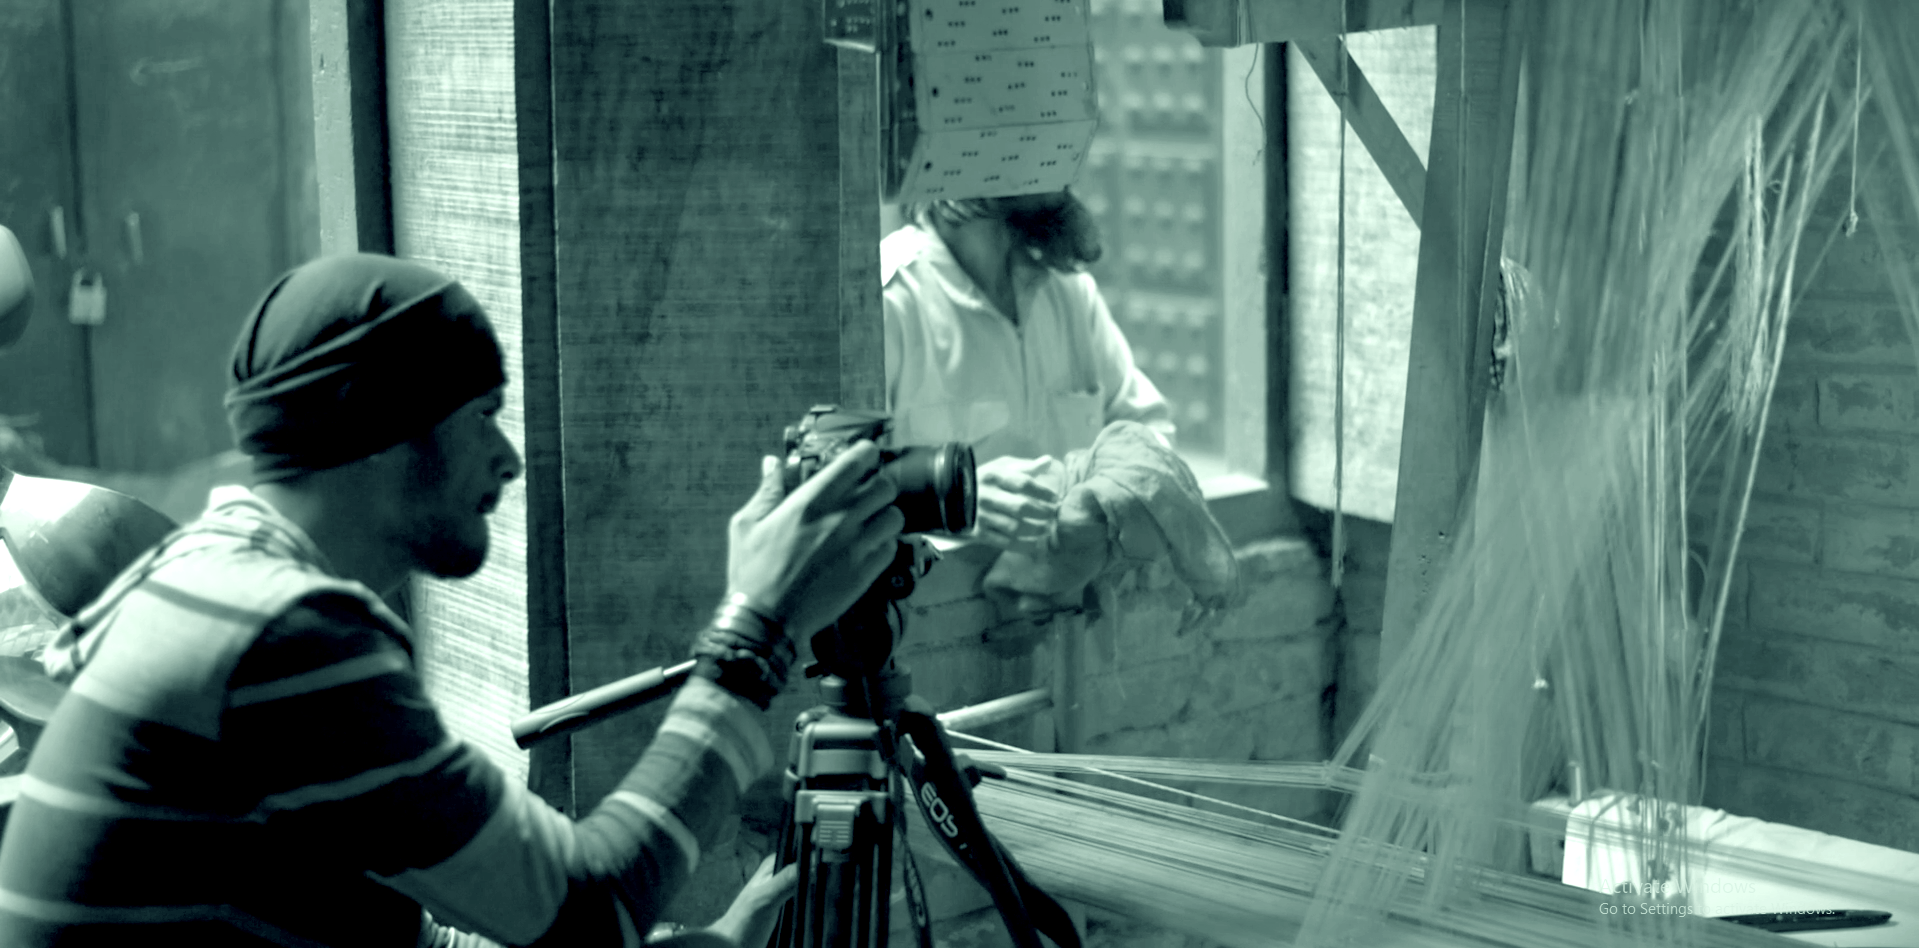 Nimit during shoot